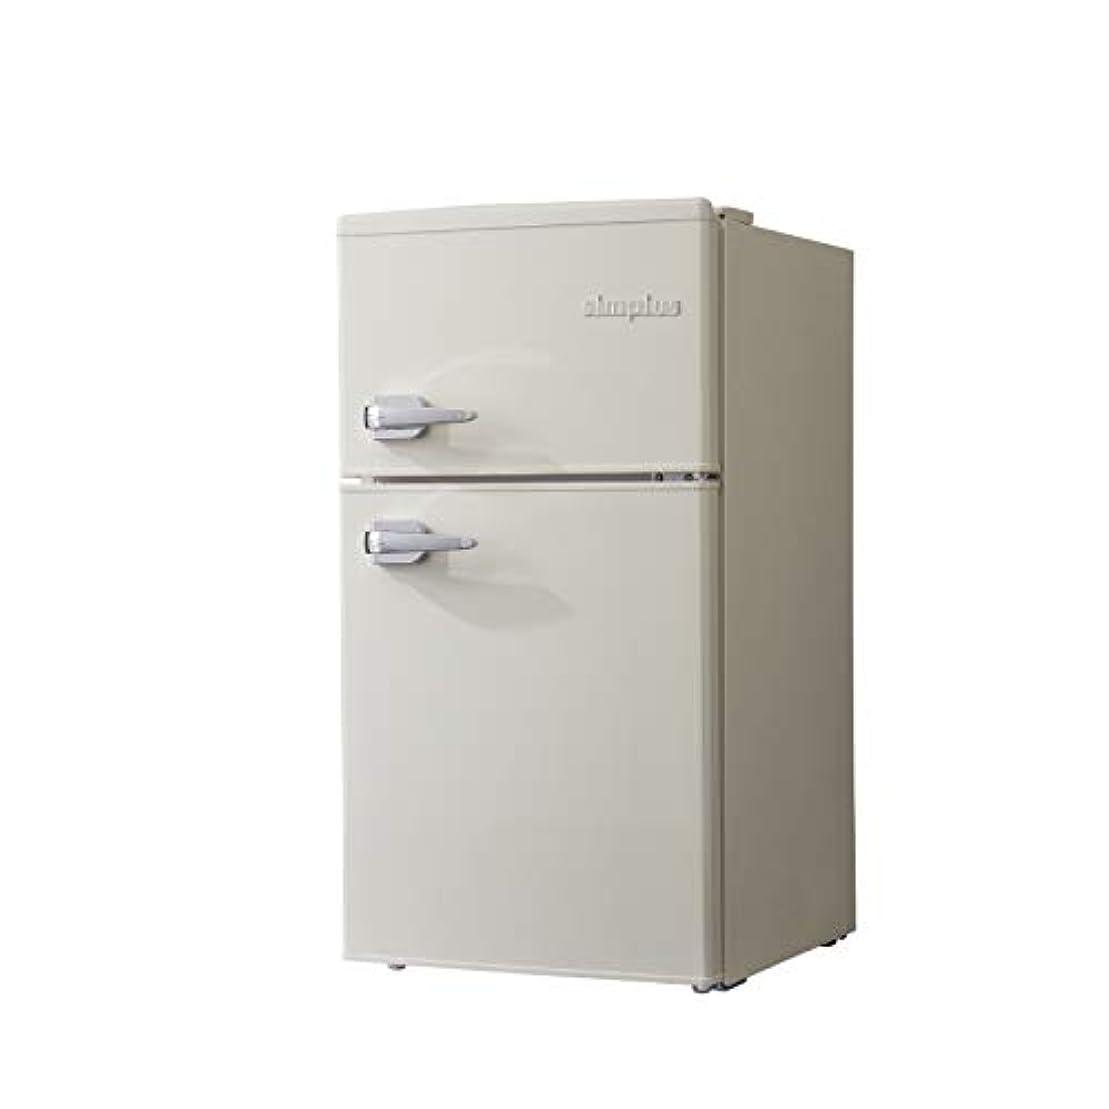 スポット敬な生命体レトロ冷蔵庫 85L 2ドア 冷凍冷蔵 SP-RT85L2 3色 レトロデザイン レトロ おしゃれ かわいい 冷凍庫 冷蔵庫 一人暮らし 省エネ simplus シンプラス (ホワイト)